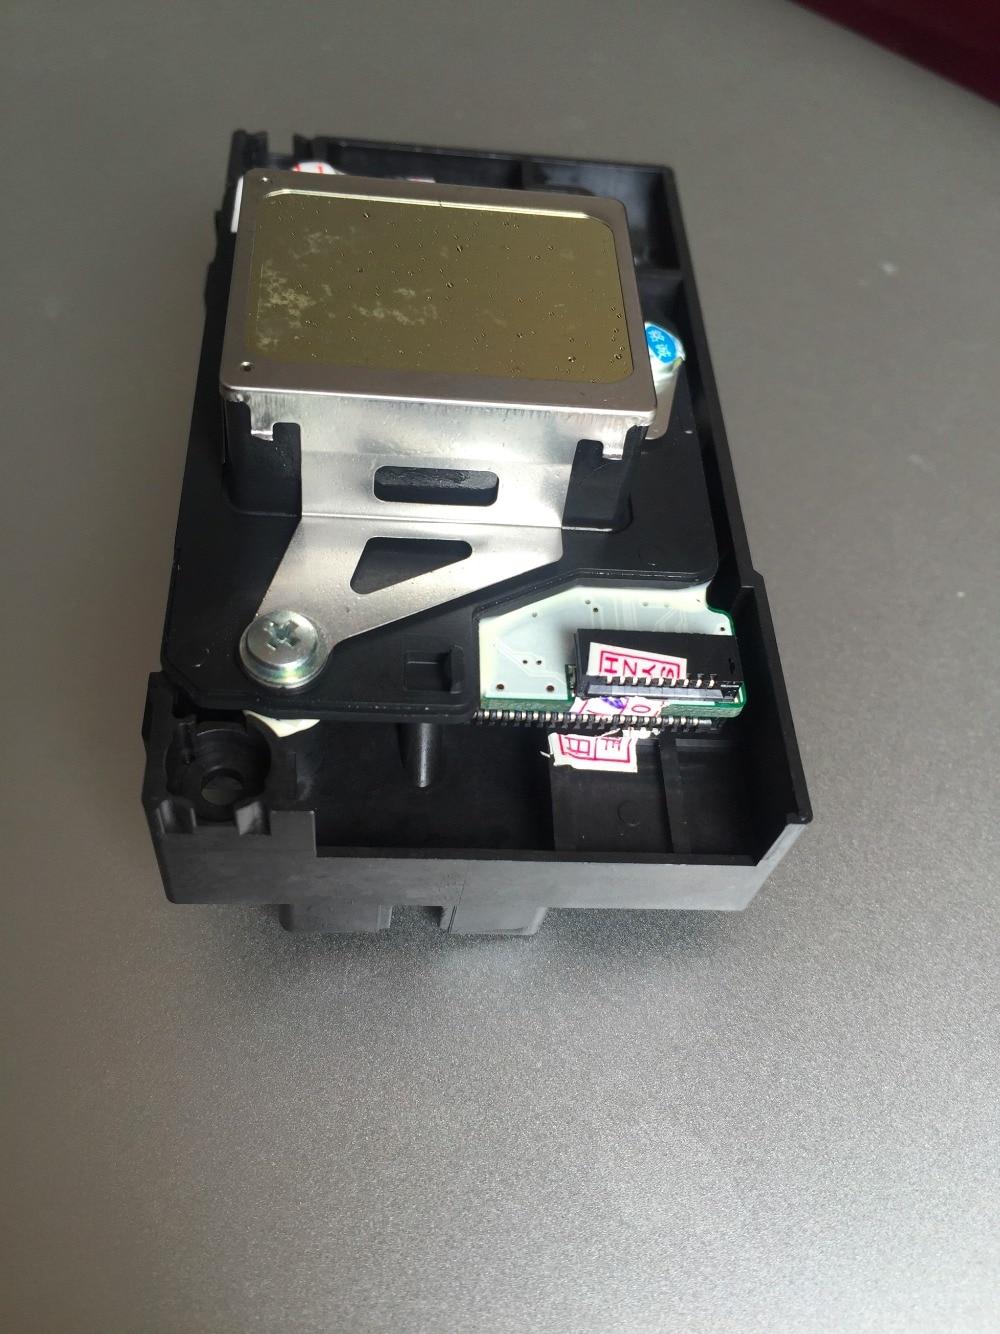 HIGH QUALITY Printhead For Epson 173050 Print Head Photo 1390 1400 1410 1430 A1430 A1500W A920 G4500 Printer Head